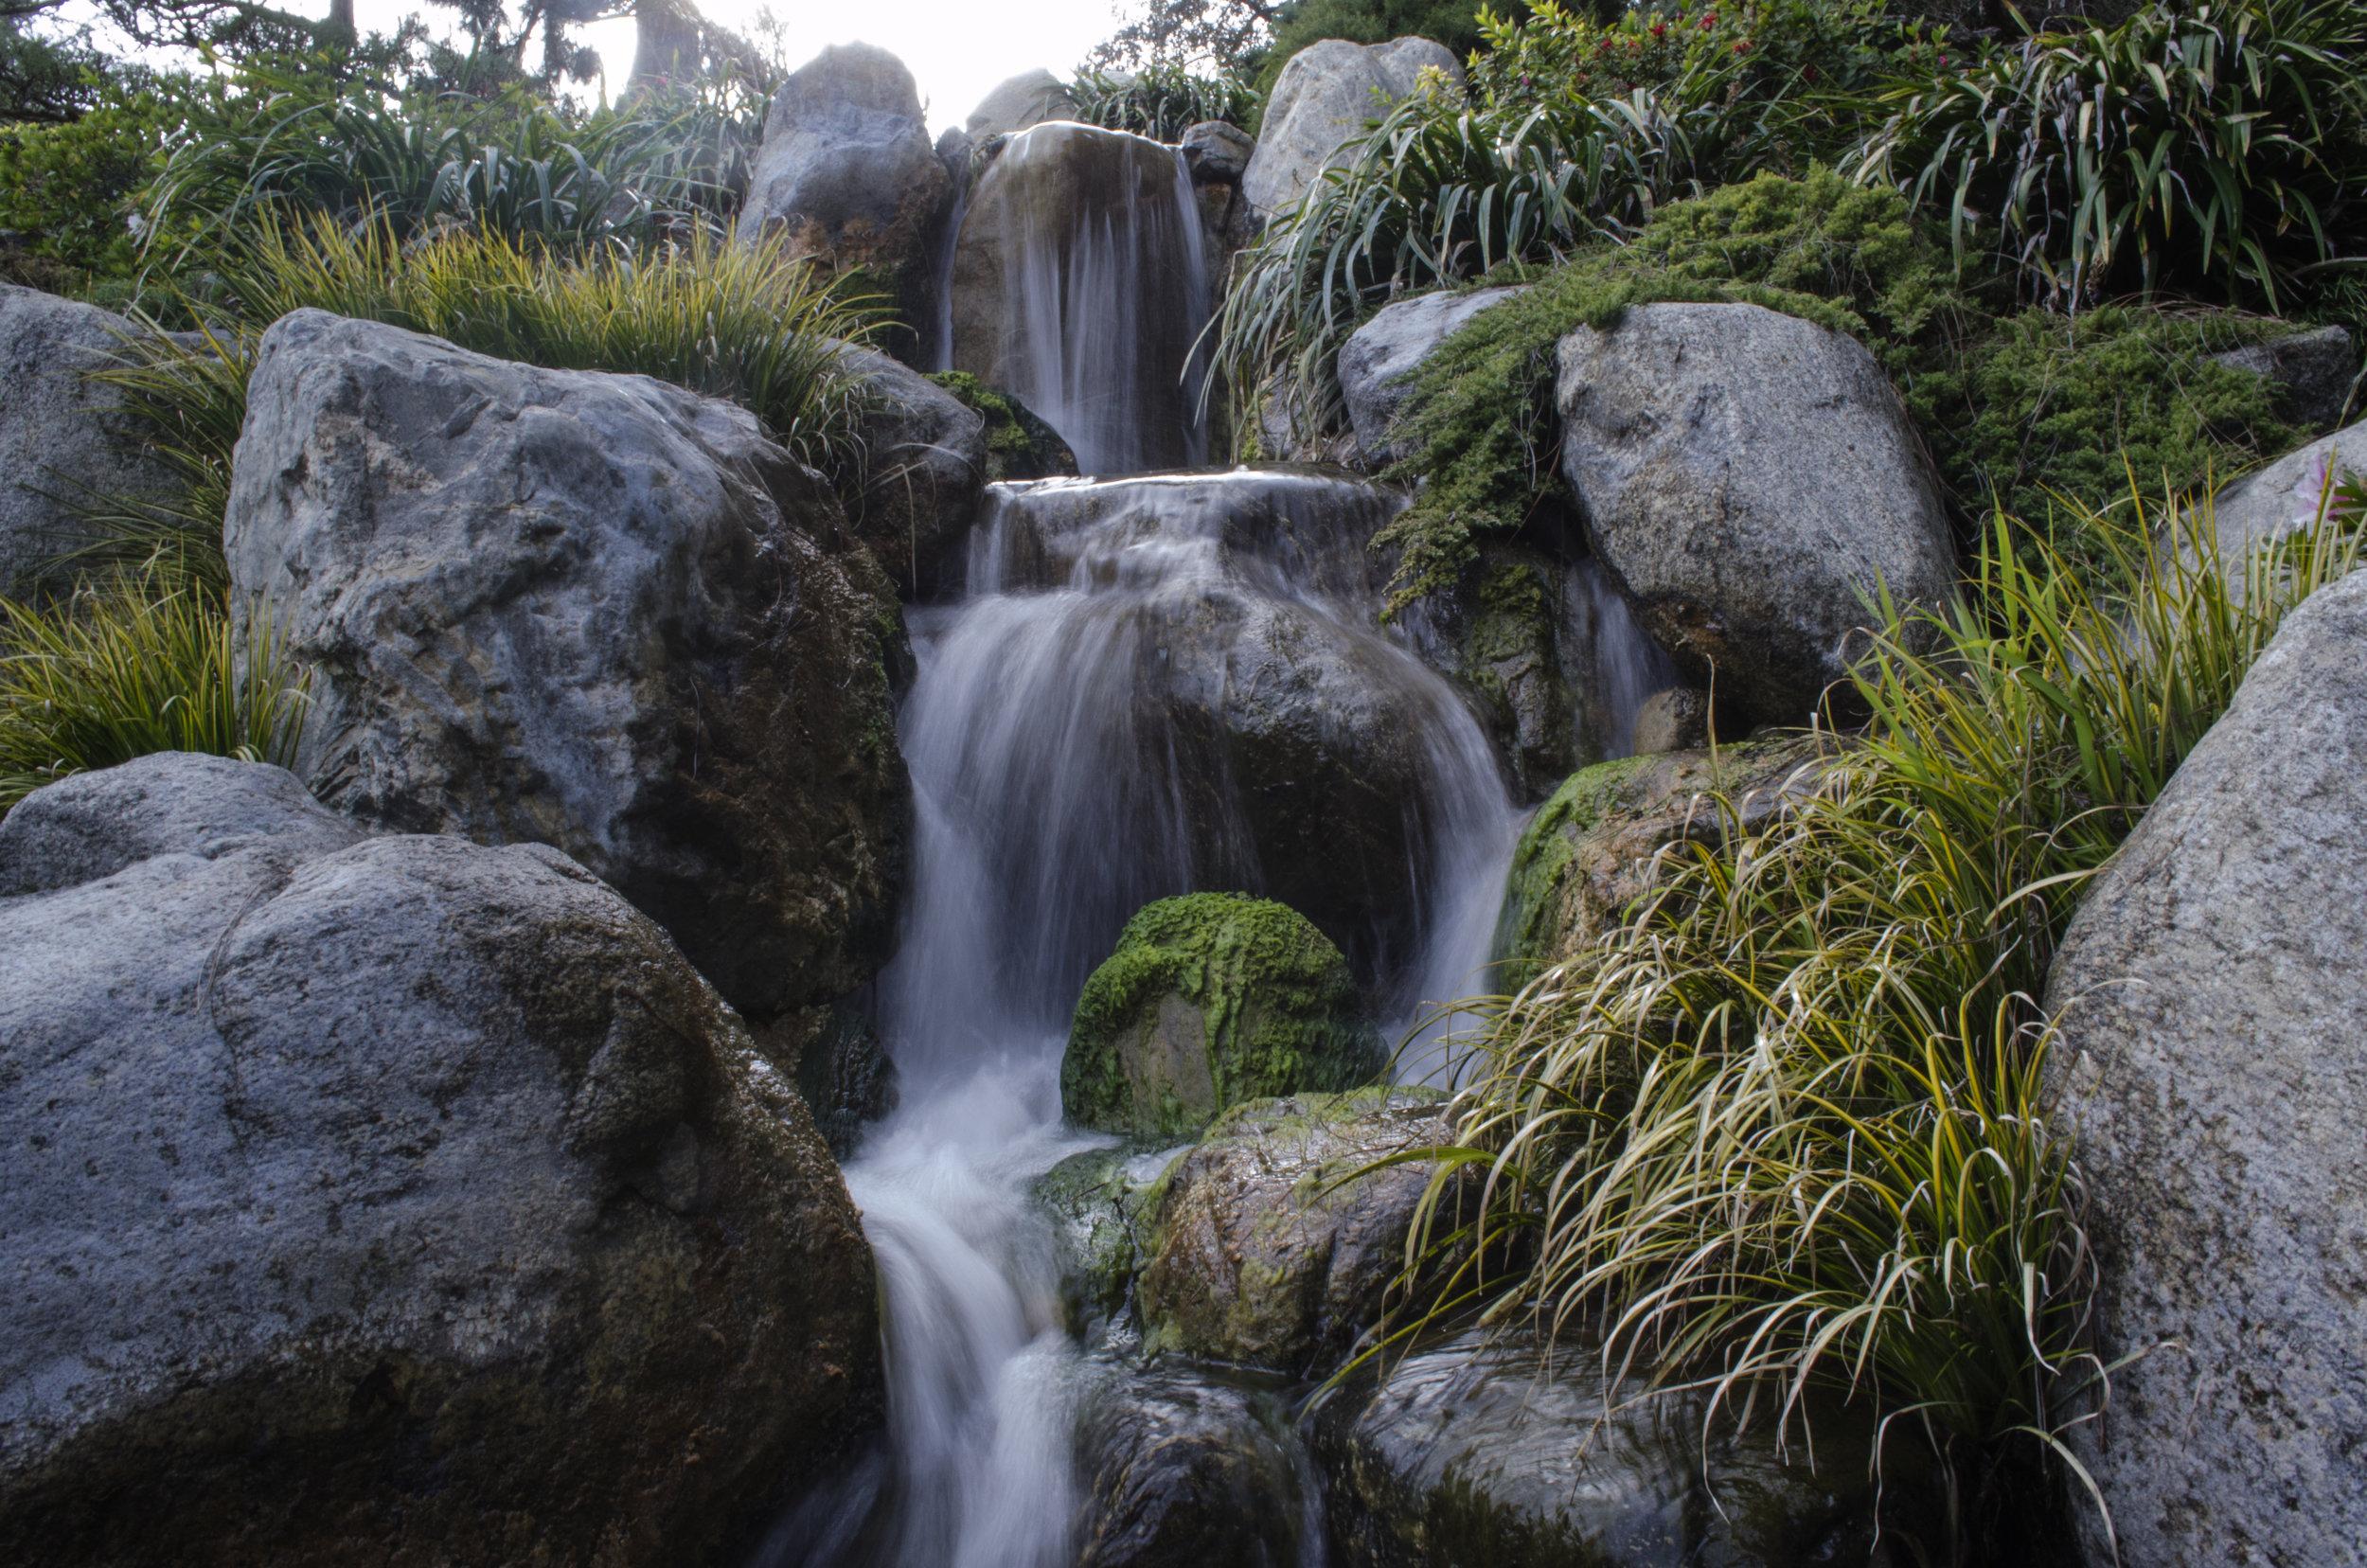 waterfall-in-la_33405571516_o.jpg